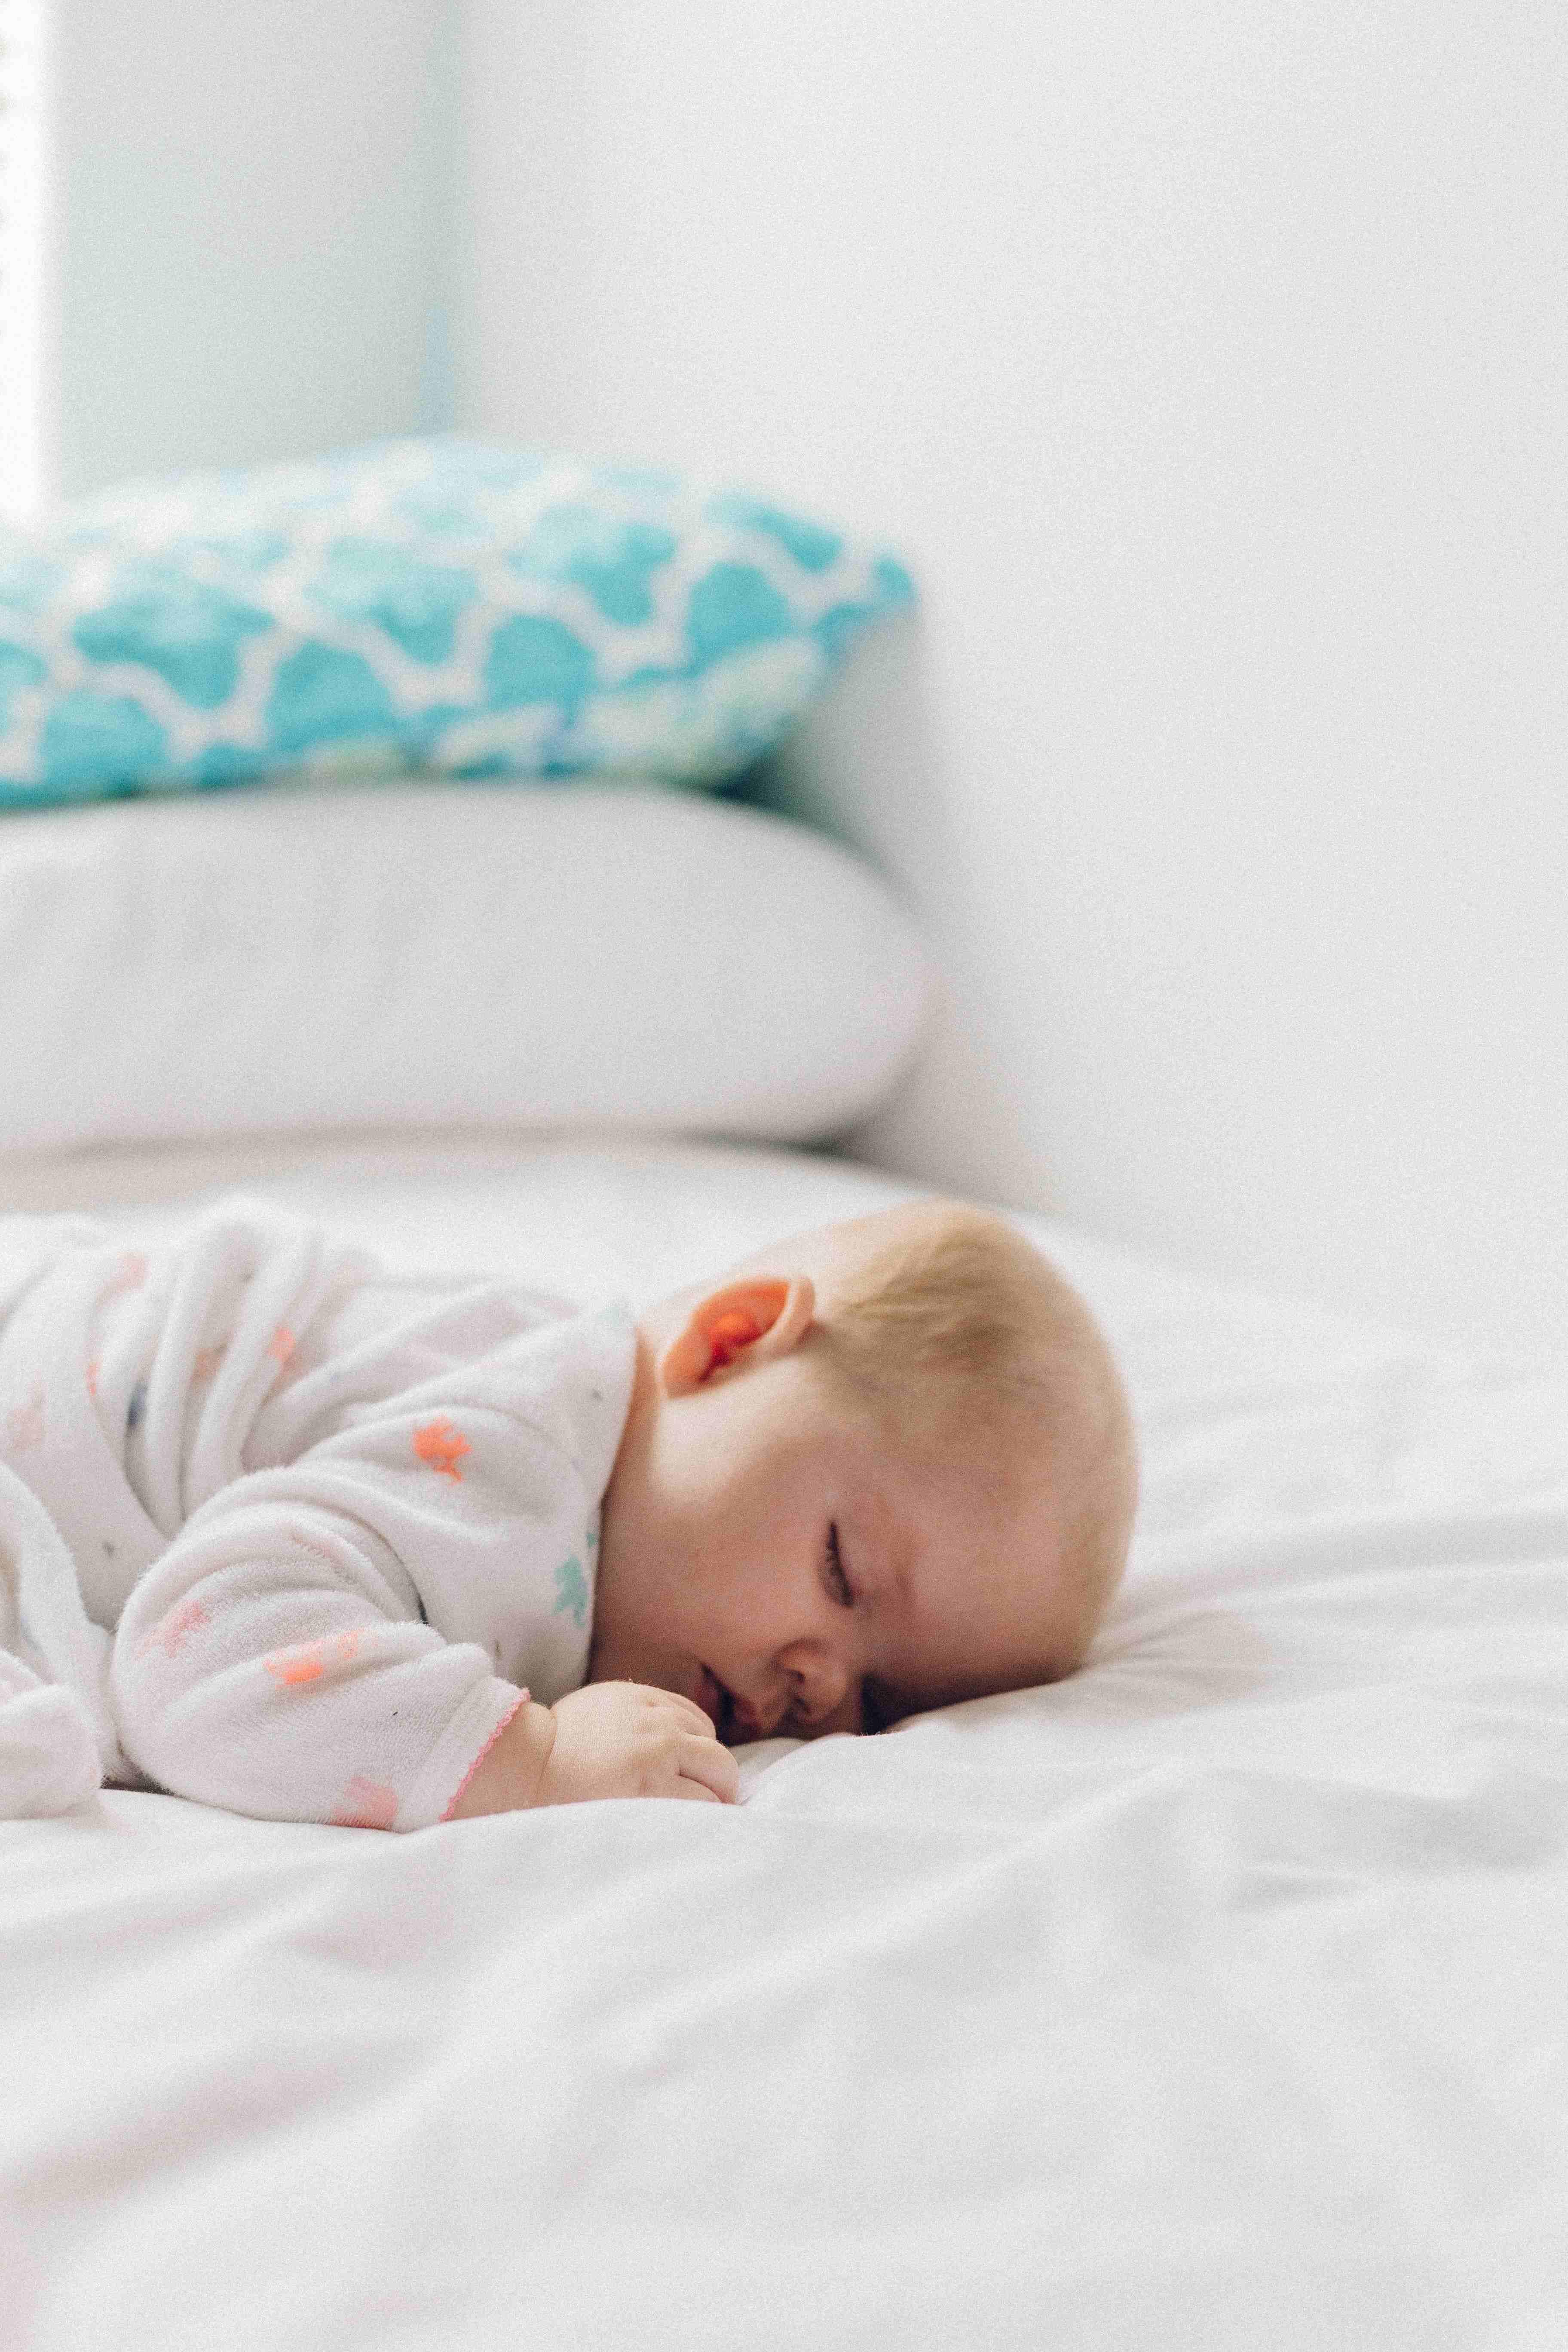 ילד גדל על מיטה איכותית